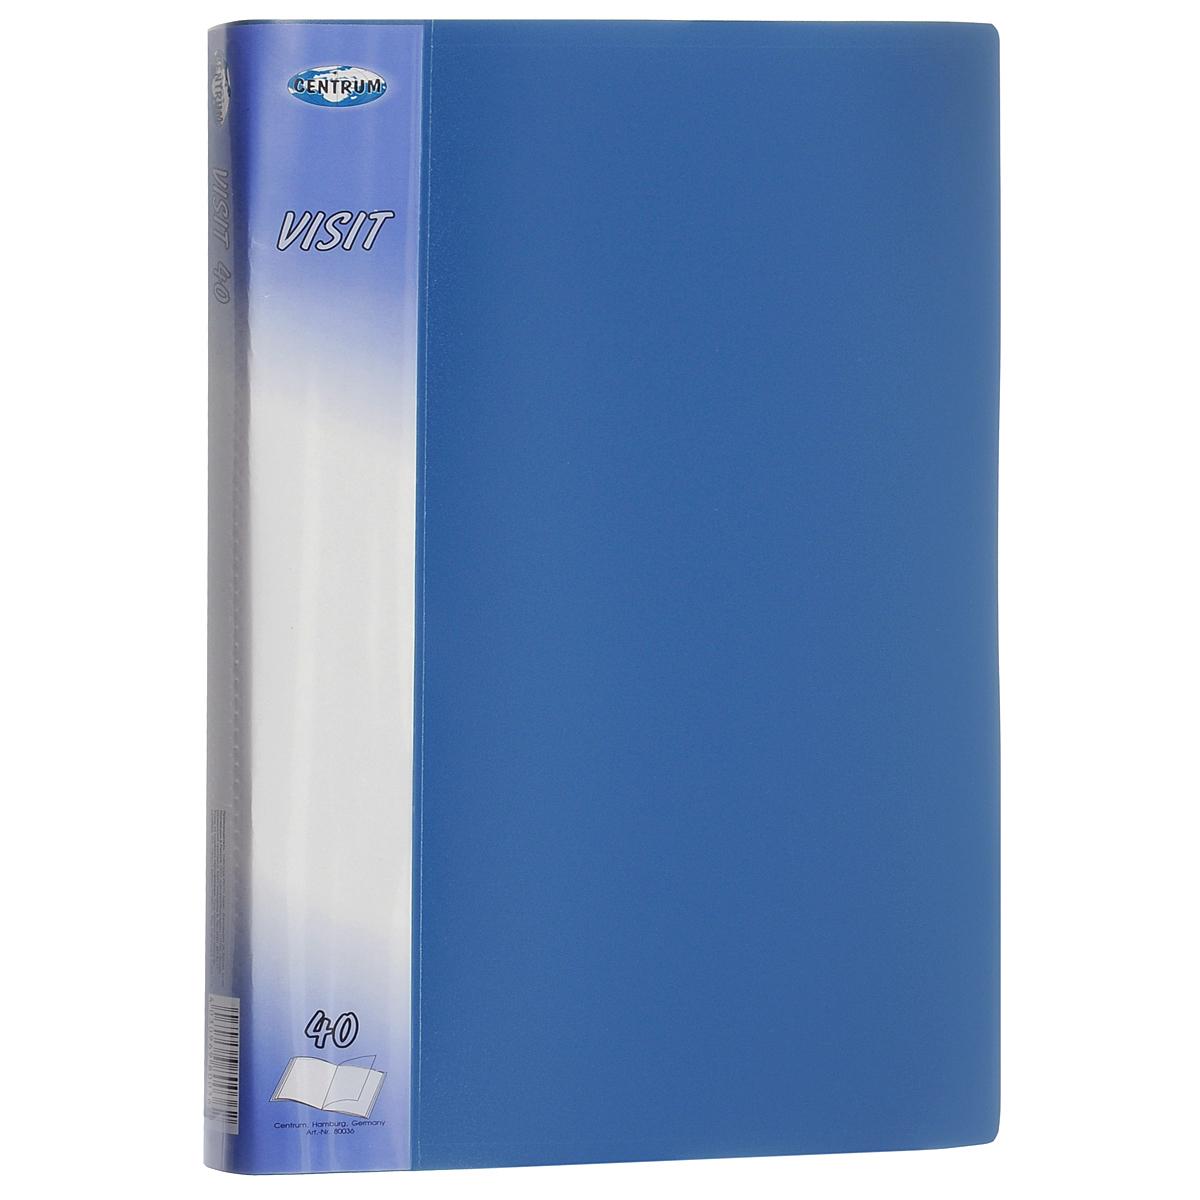 Папка Centrum Visit, 40 файлов, цвет: голубой. Формат А4AC-1121RDПапка Centrum Visit - это удобный и функциональный офисный инструмент, предназначенный для хранения и транспортировки бумаг и документов формата А4. Обложка папки изготовлена из износостойкого непрозрачного пластика повышенной плотности и включает в себя 40 вкладышей-файлов формата А4. Папка имеет опрятный и неброский вид. Уголки папки закруглены, что предотвращает их загибание и надолго обеспечивает опрятный вид папки.Папка - это незаменимый атрибут для студента, школьника, офисного работника. Такая папка надежно сохранит ваши документы и сбережет их от повреждений, пыли и влаги.